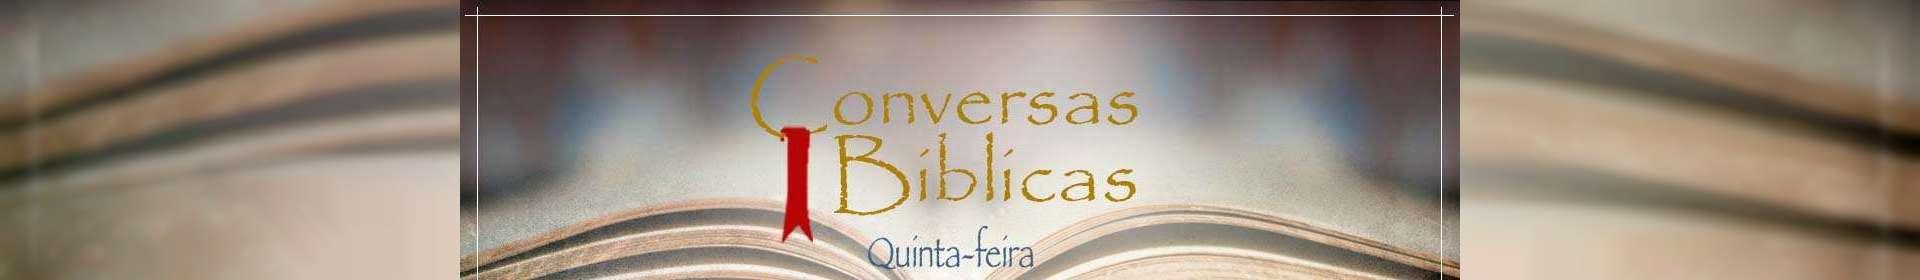 Conversas Bíblicas: Cantares - Parte 2